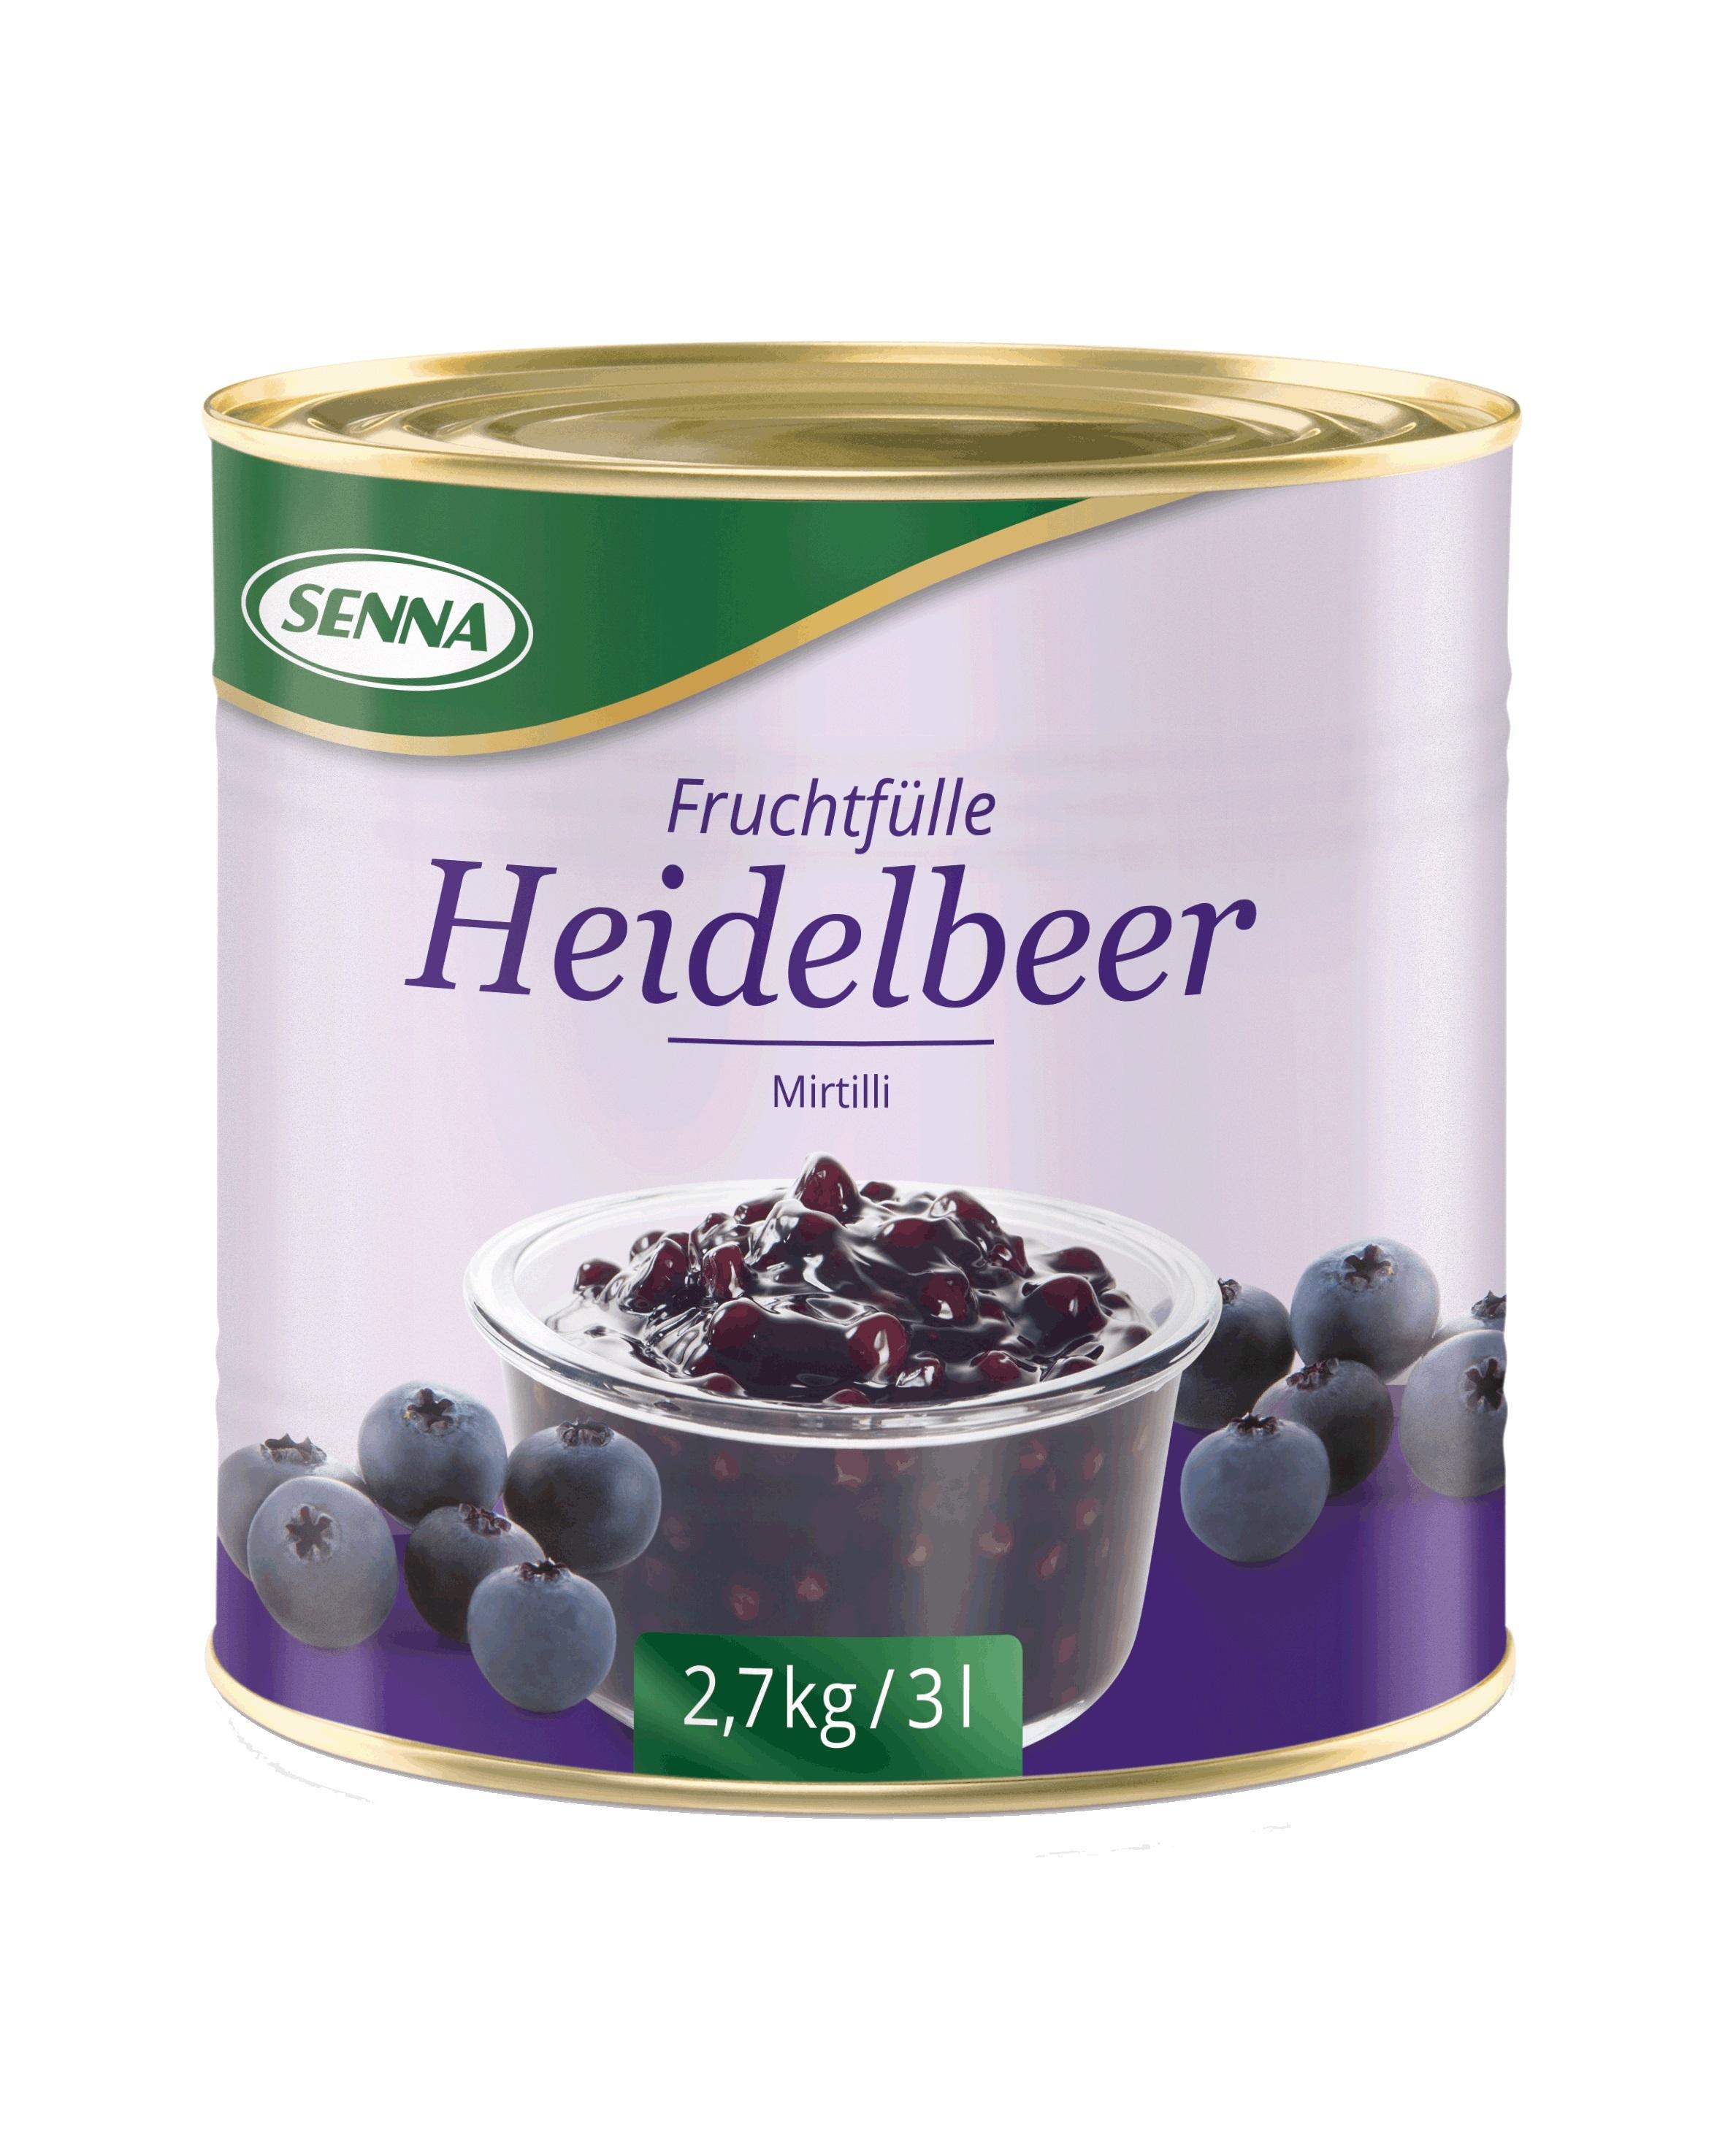 1249155 Senna Heidelbeer Fruchtfuelle 3L